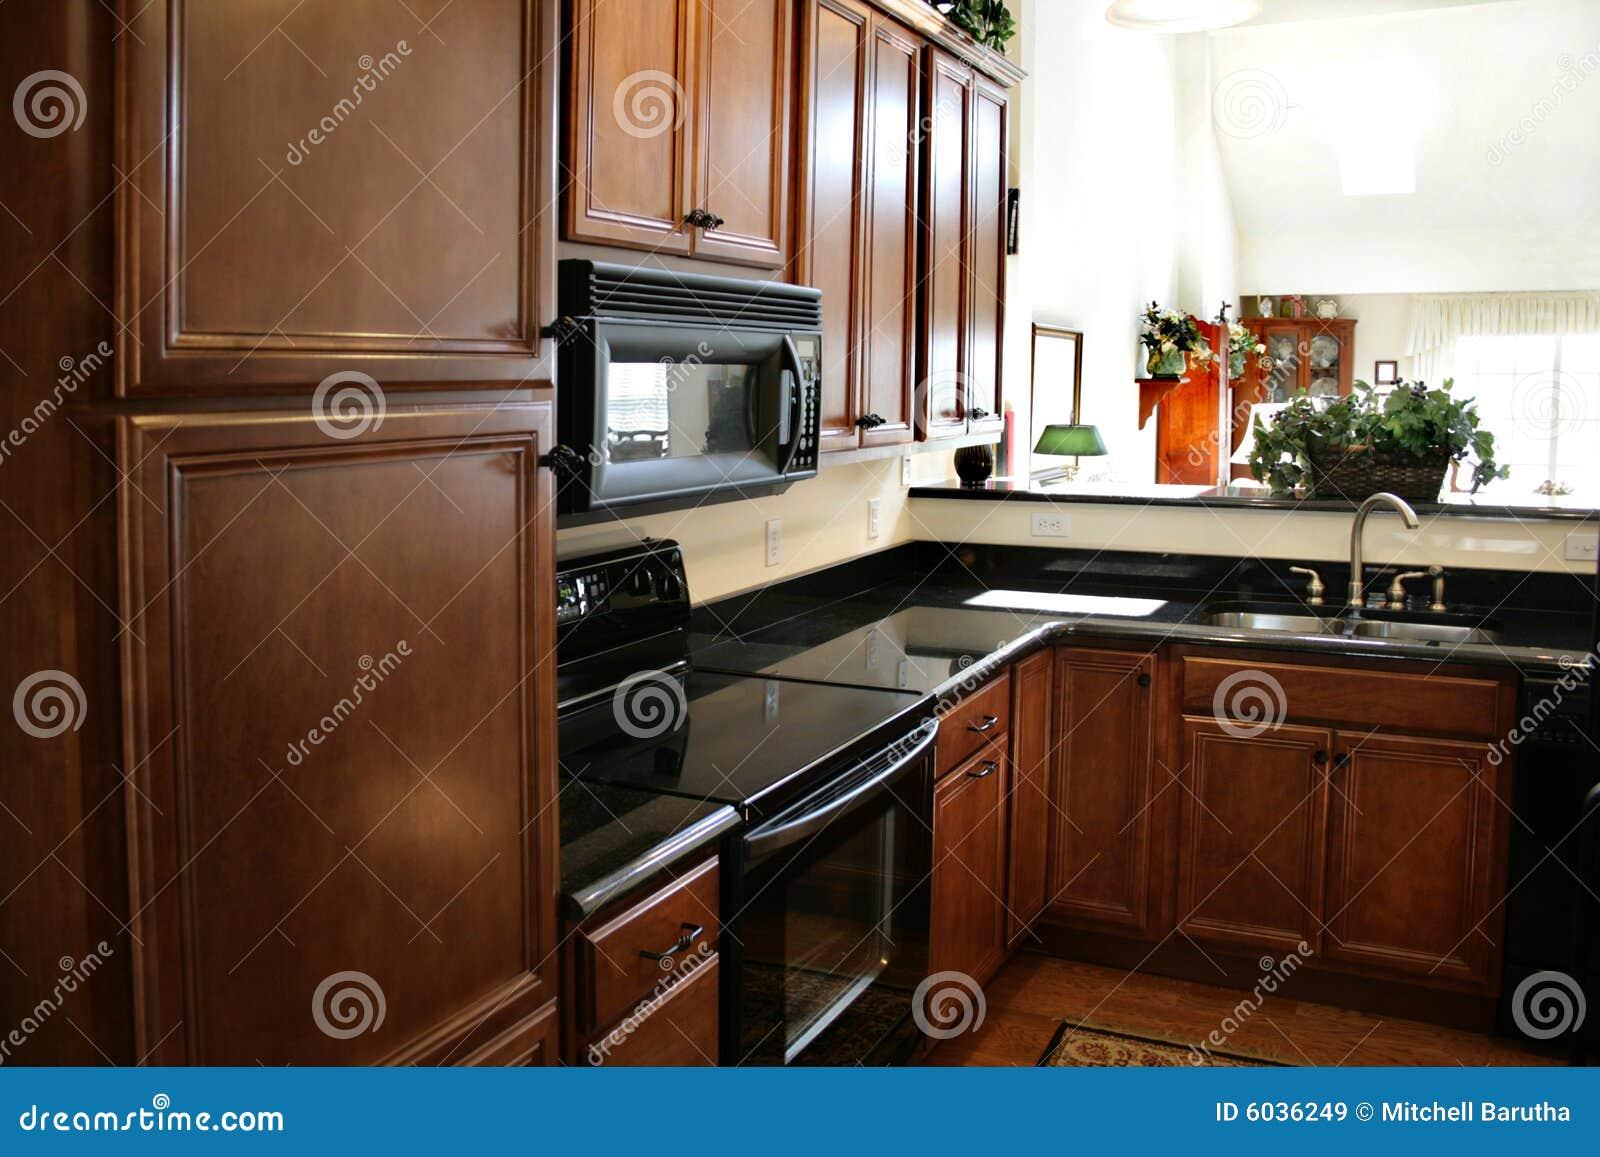 Zwart Keuken Fornuis : Houten de kabinetten zwart en roestvrij fornuis van de keuken stock